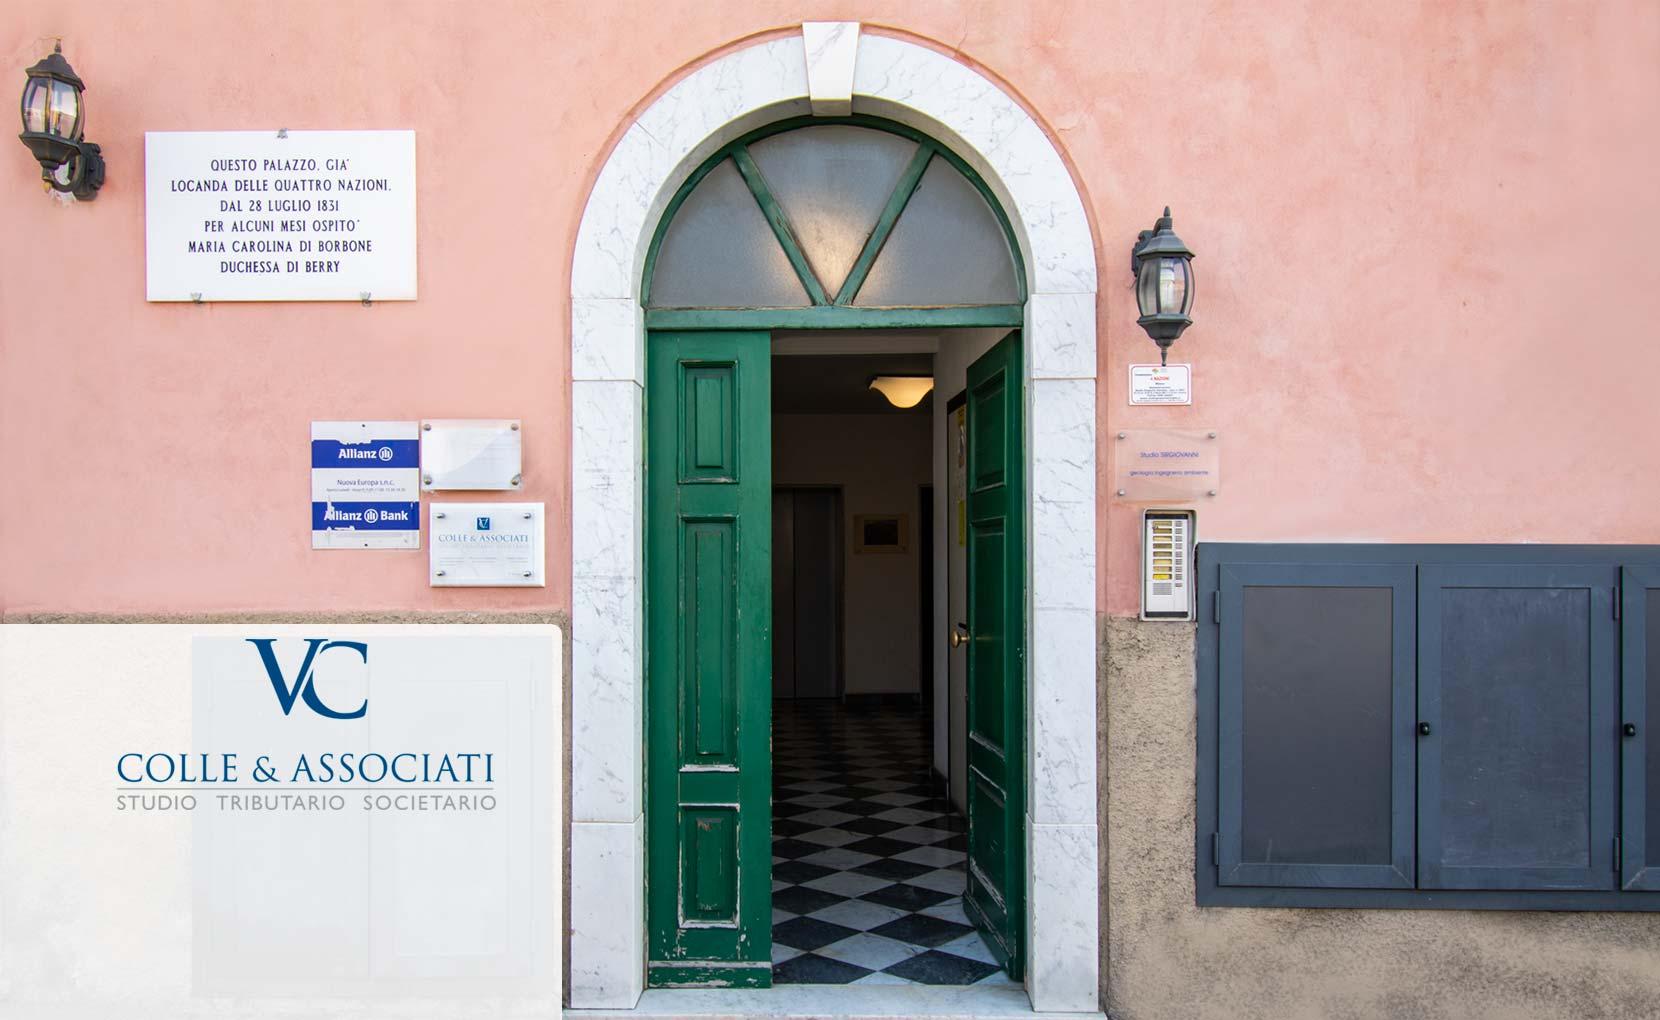 Studio Colle & Associati si trova a Massa centro in via mura sud